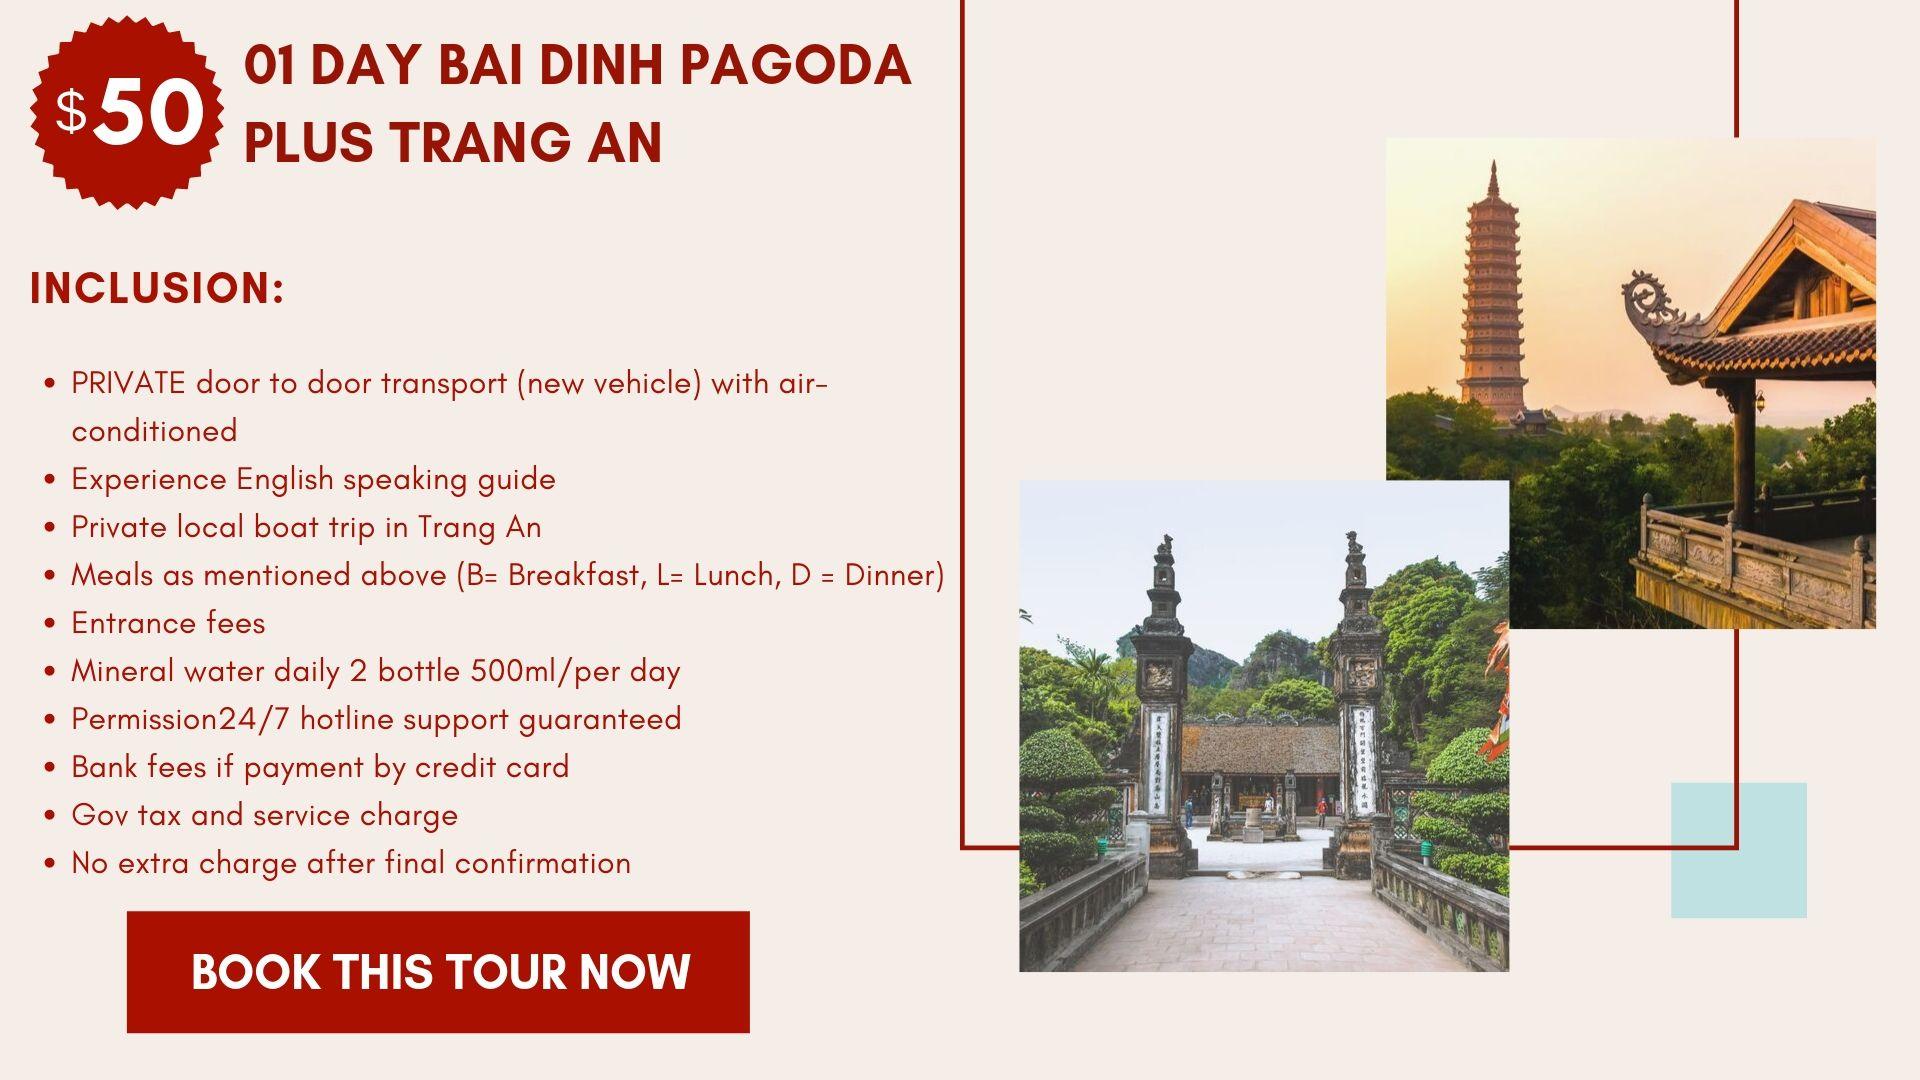 Tour Bai Dinh Pagoda Plus Trang An